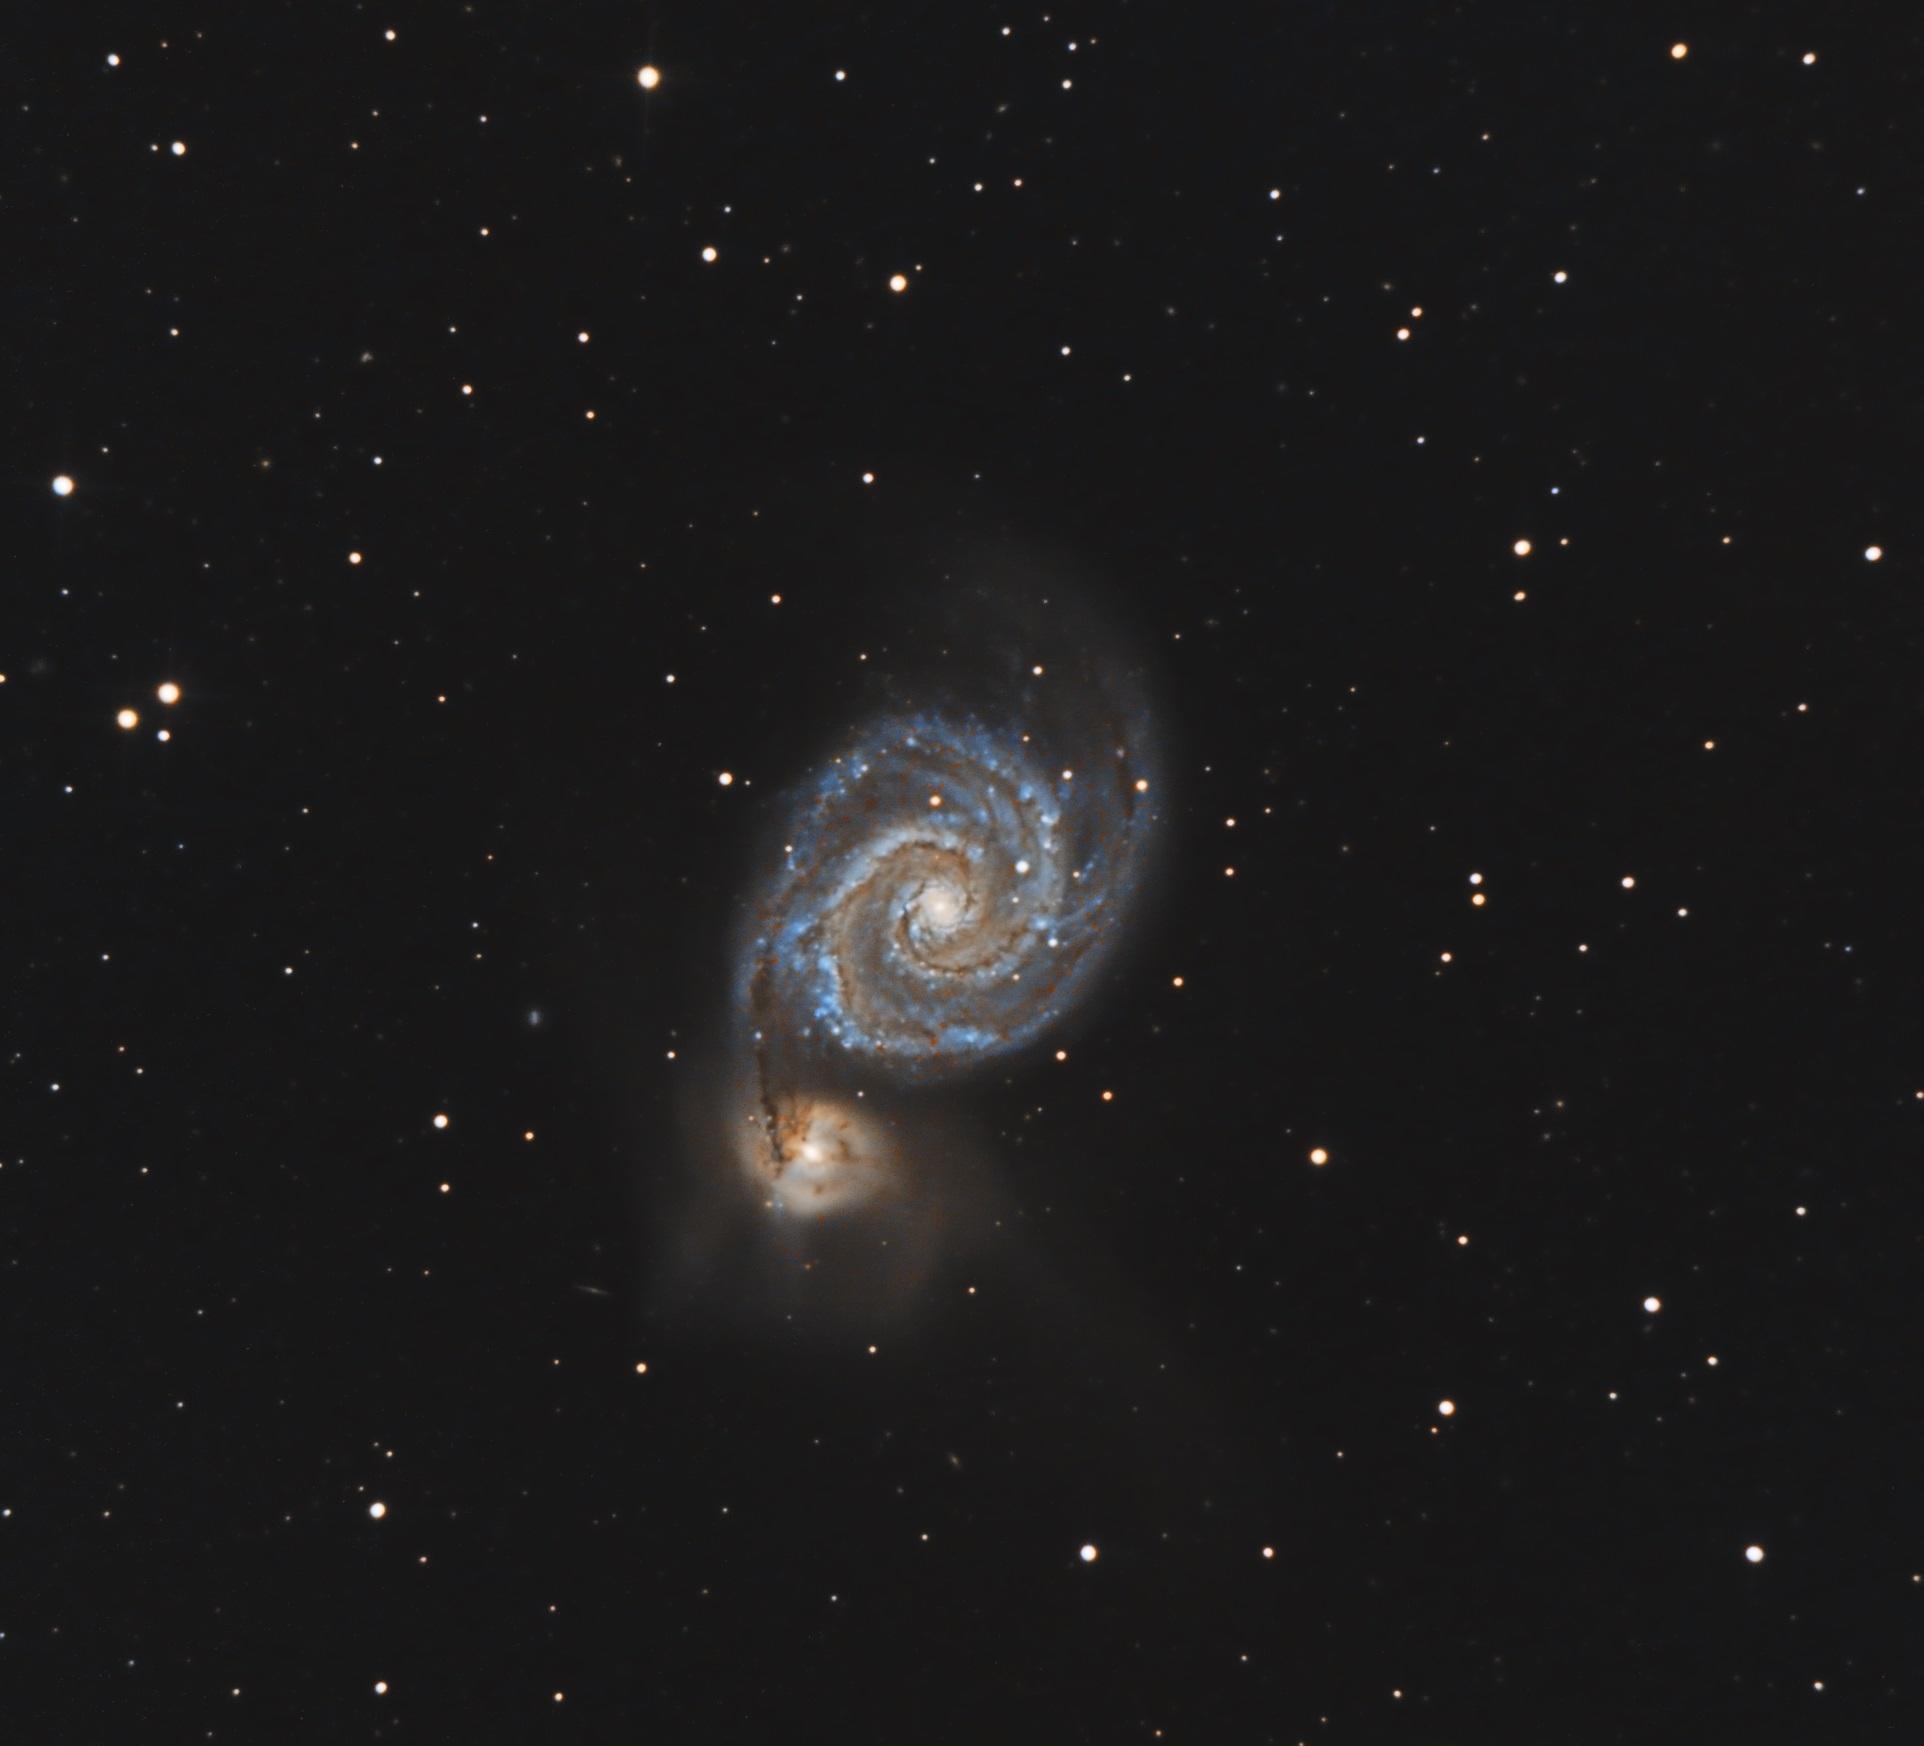 M51, galaxie du tourbillon- Stéphane Picquette - Newton 200/1000 - monture EQ6R-PRO, caméra ZWO 294MC refroidie avec guidage, 150 poses de 300s, 40 darks, 40 offsets, 40 flats, traitement SIRIL et Pixinsight